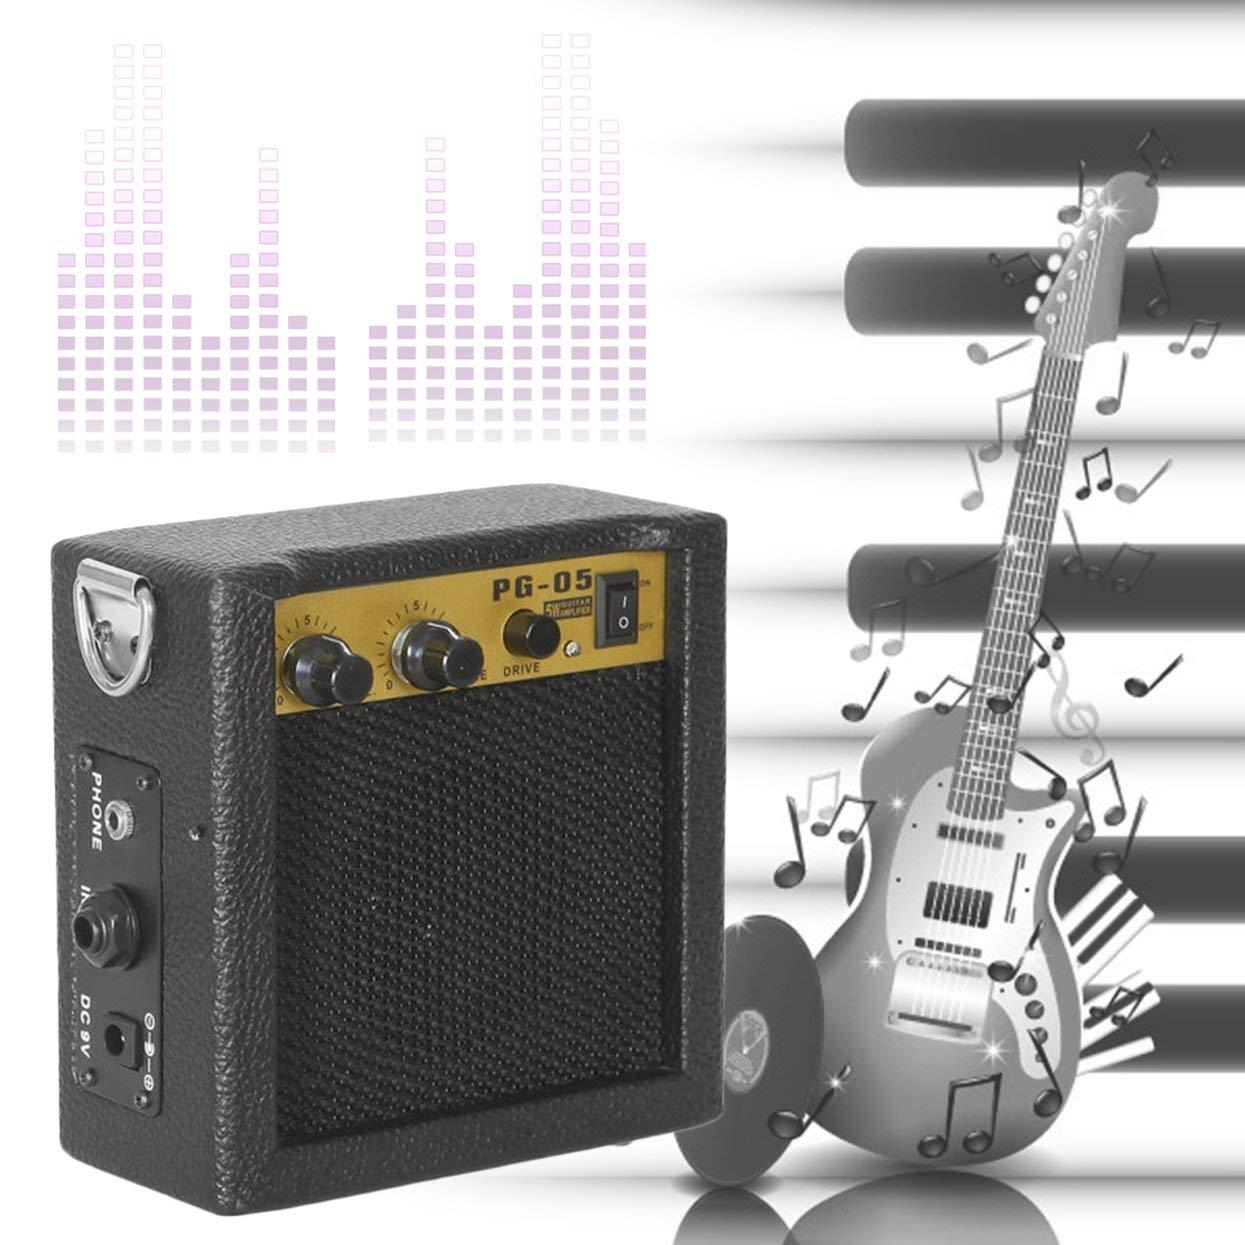 Tellaboull For 5W, Mini Amplificador de Guitarra, Amplificador de Guitarra, con Altavoz de 3 Pulgadas, Accesorios de Guitarra, para Guitarra Eléctrica ...